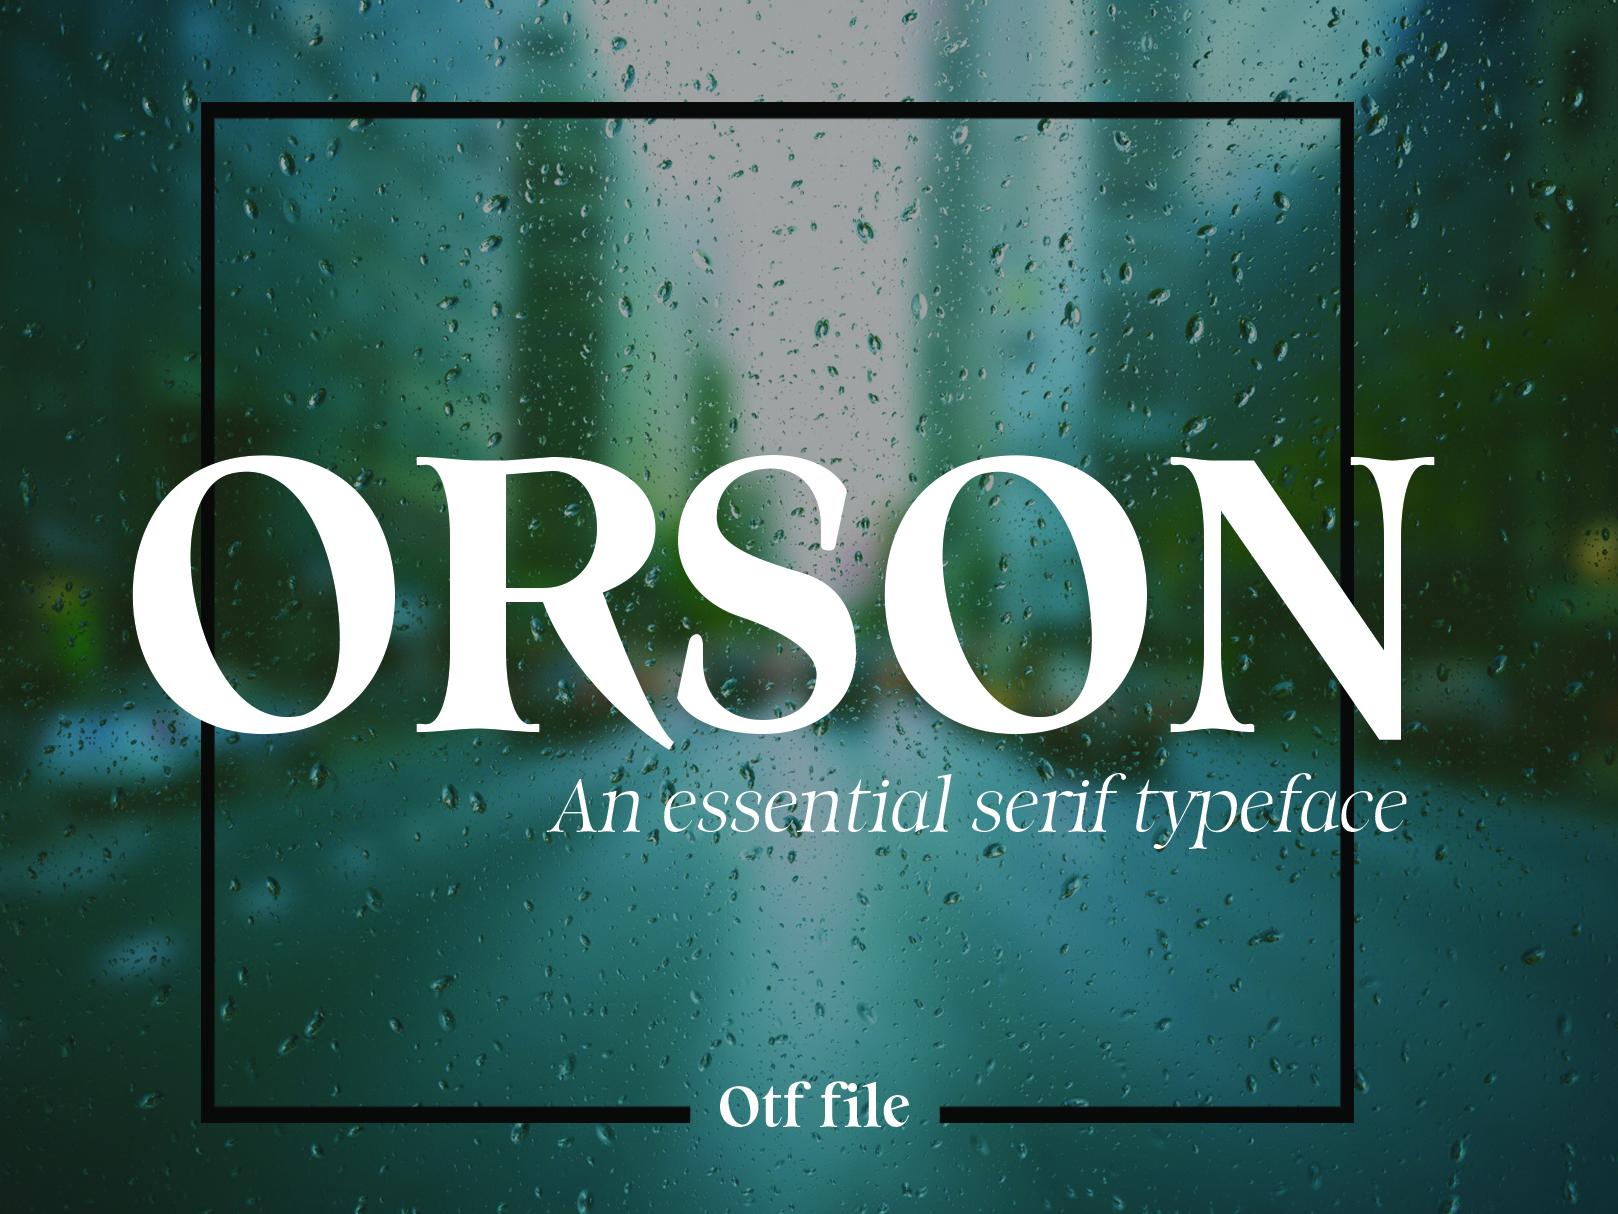 Orson ad 1.2